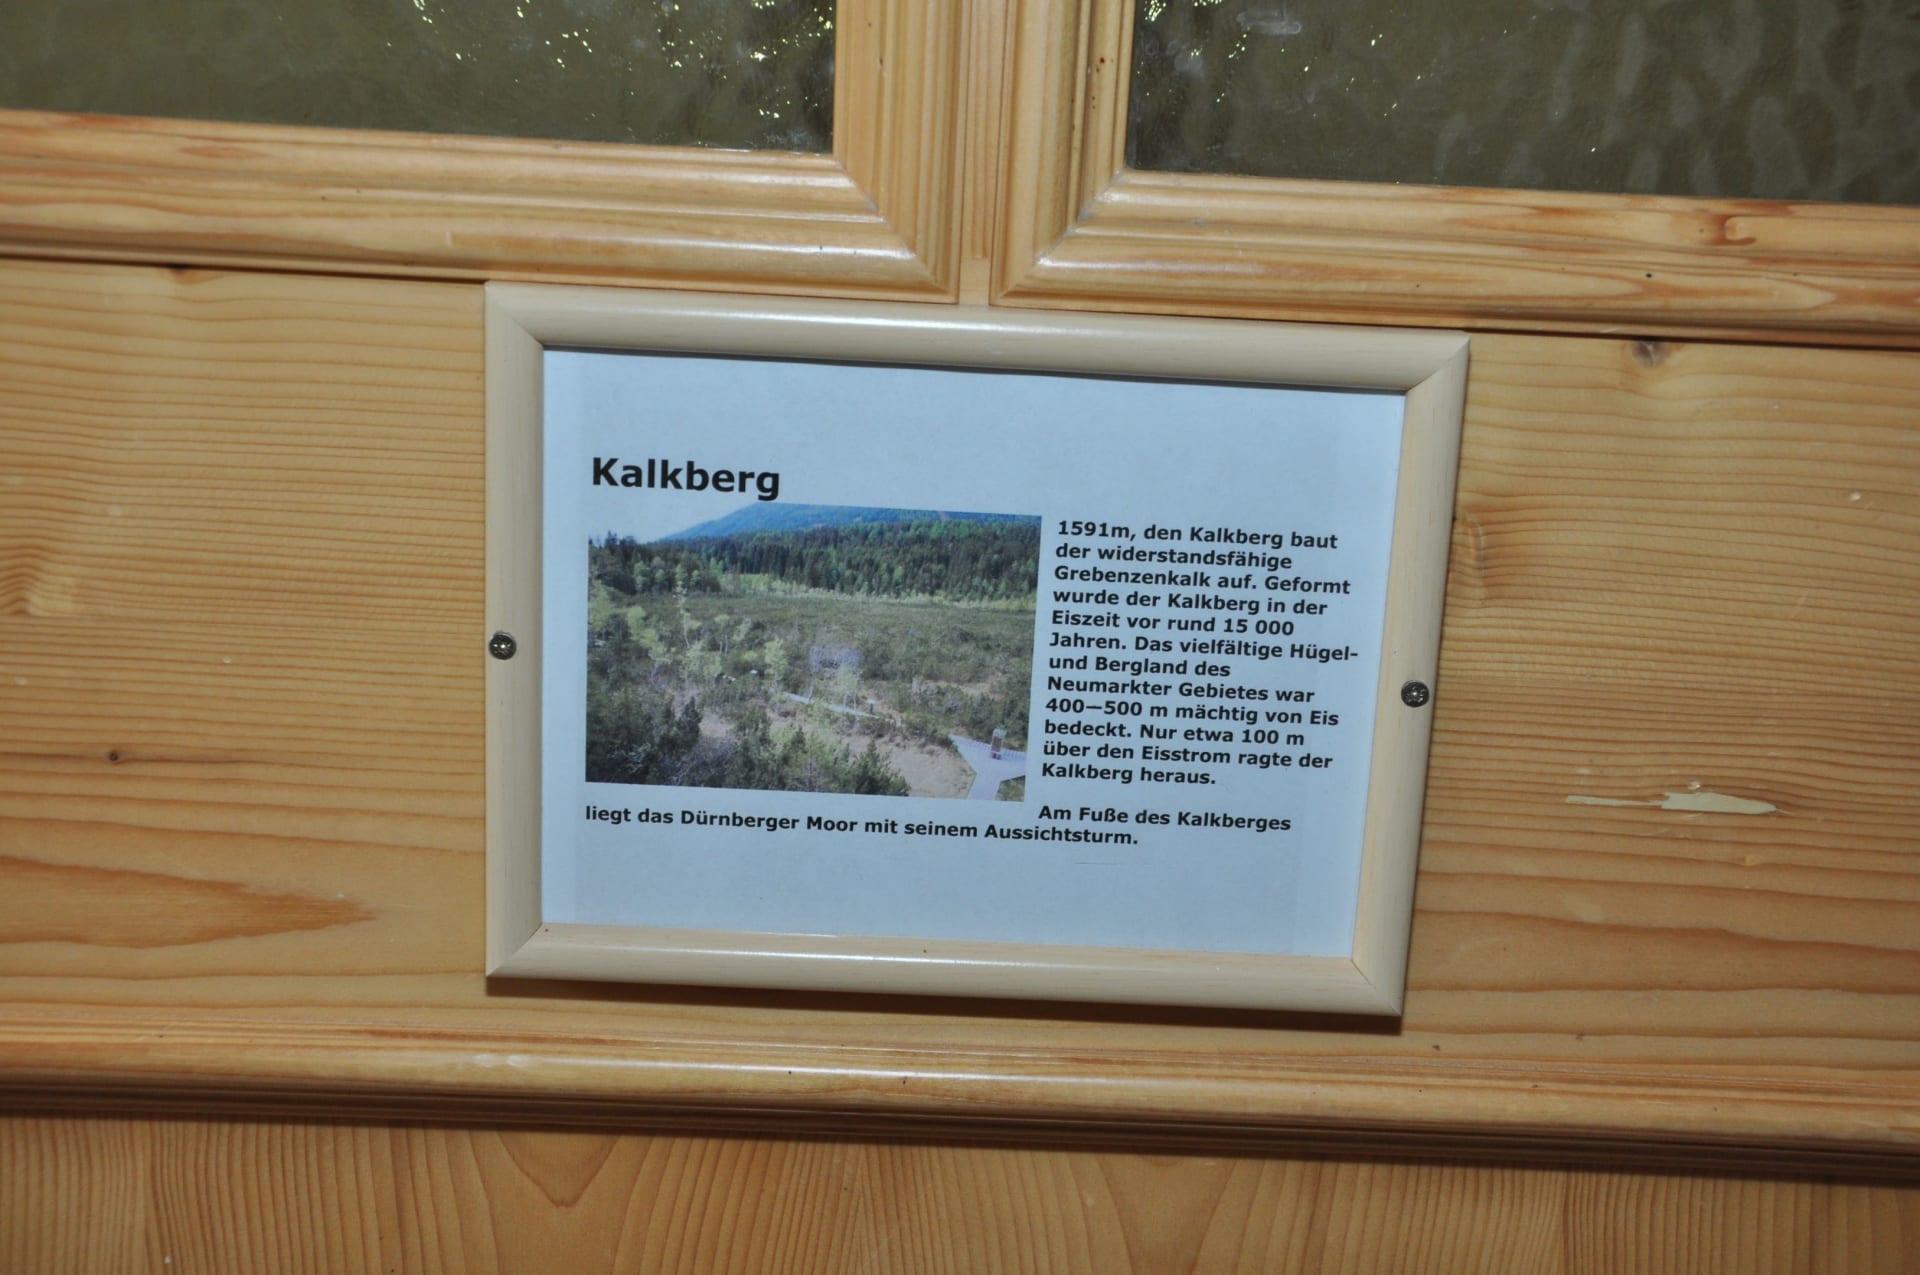 Kalkberg